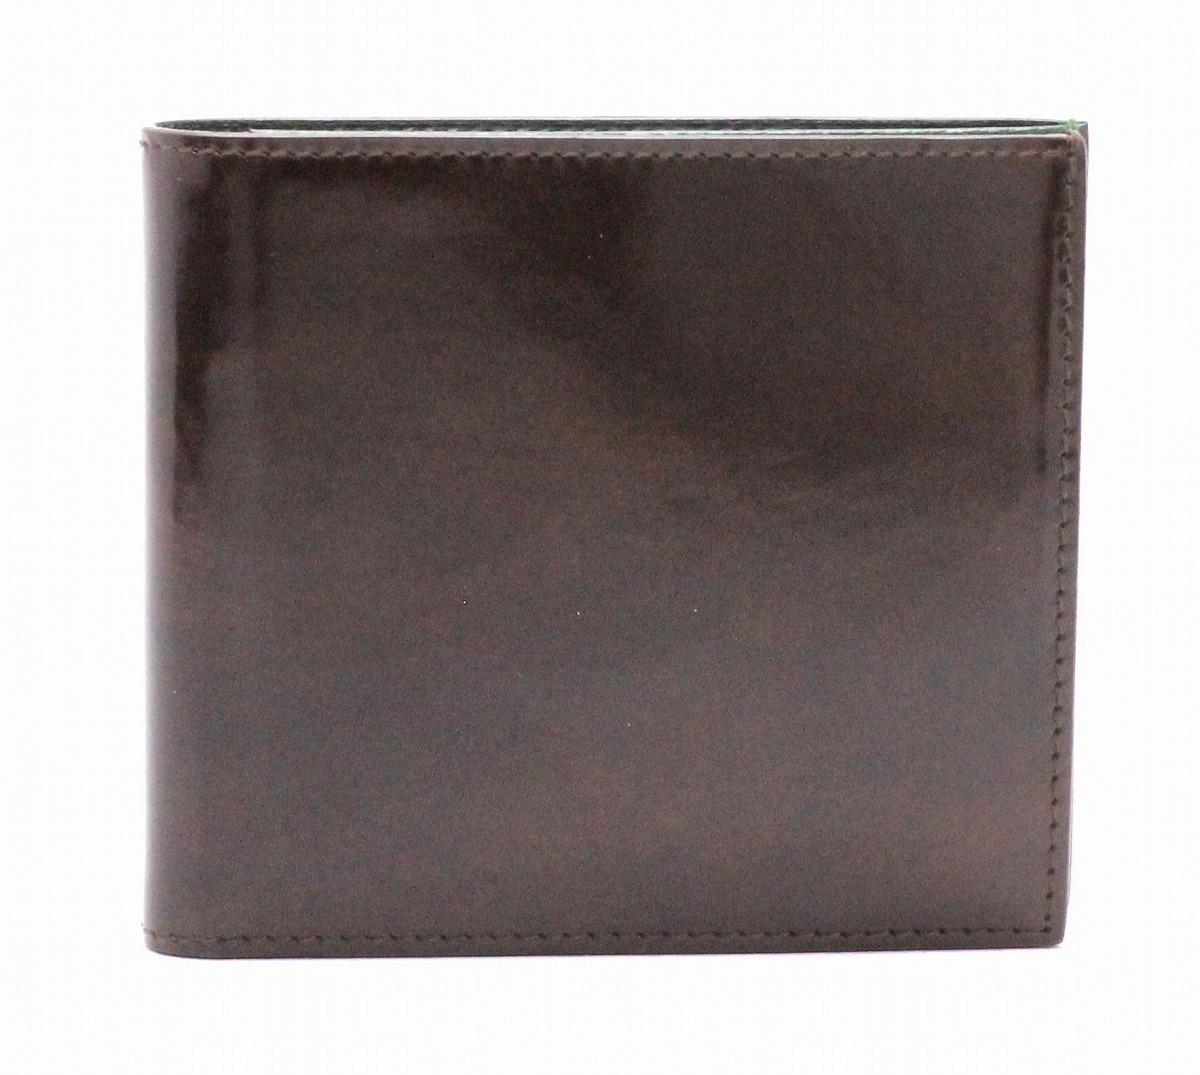 【財布】 dunhill ダンヒル 2つ折り財布 クラブライン カーフ エナメル グリーン 緑 ブラウン 茶 FT3001B 【中古】【k】